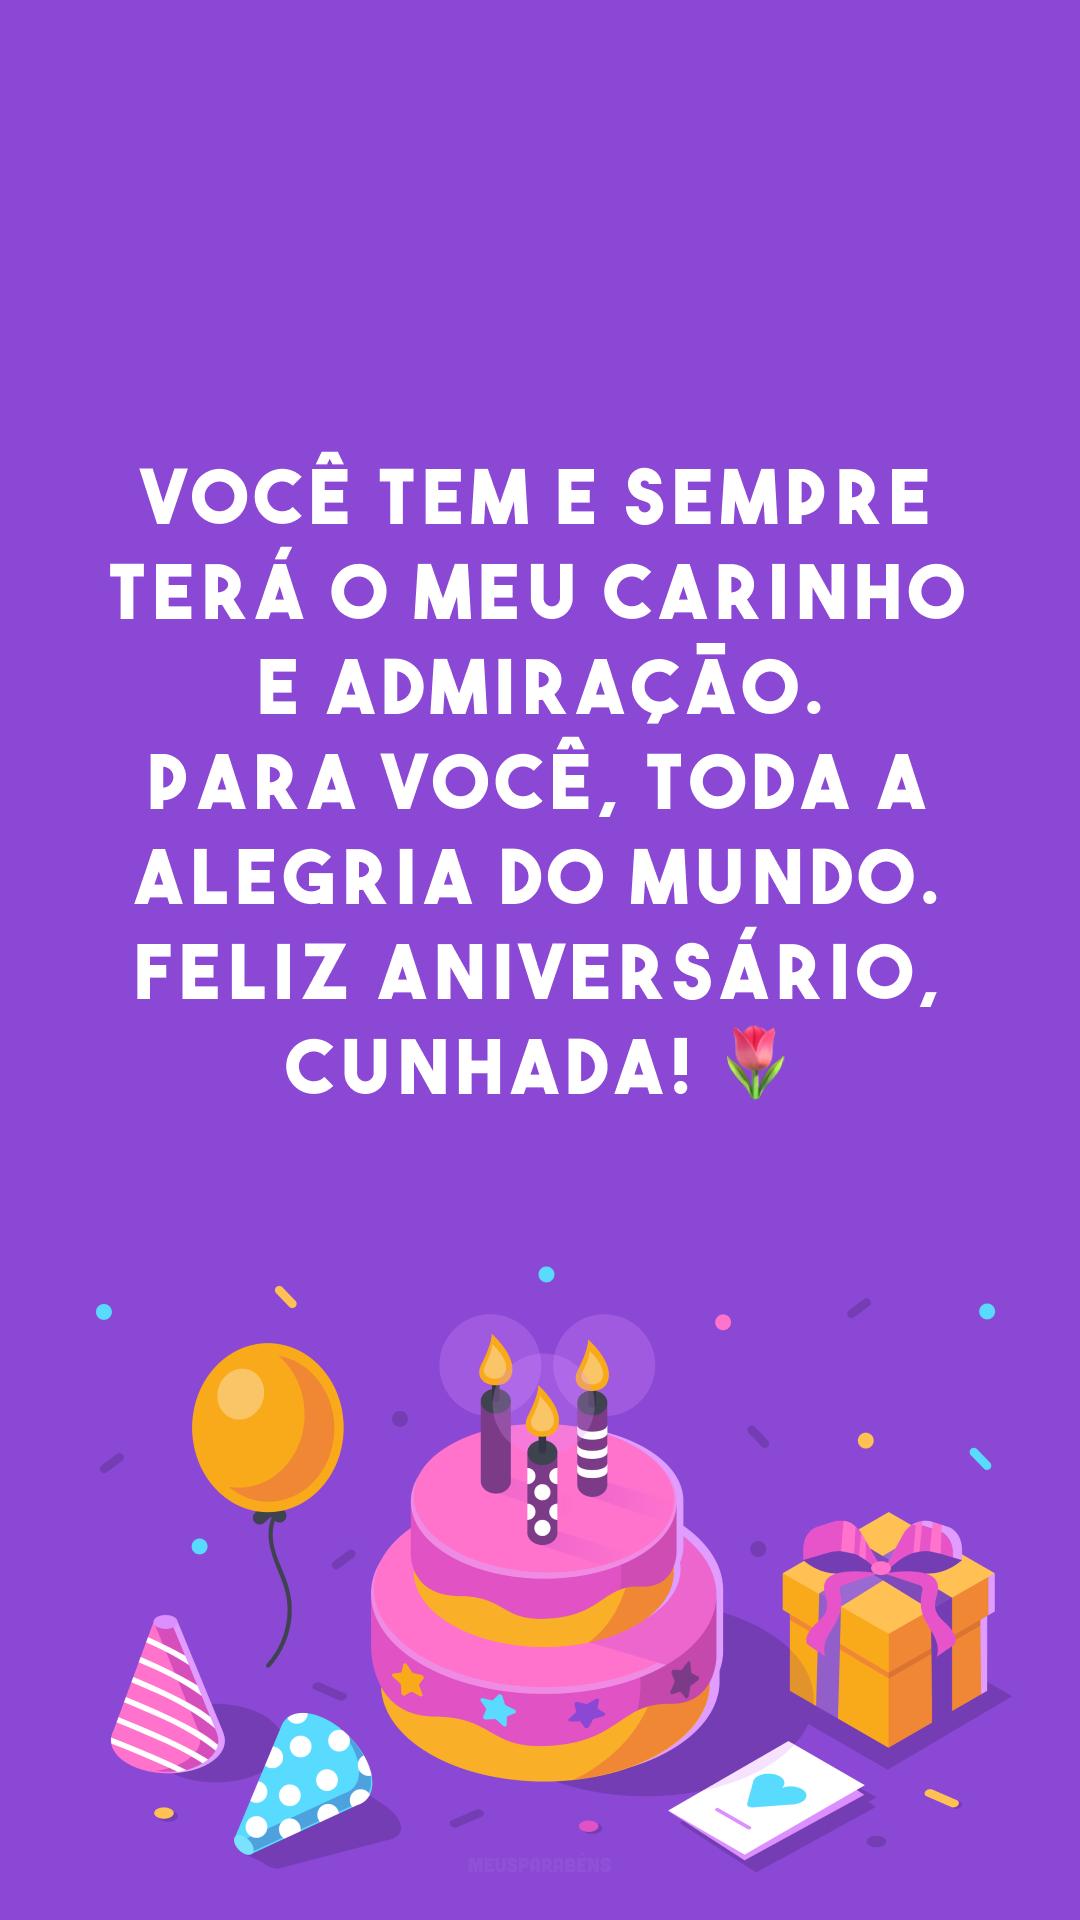 Você tem e sempre terá o meu carinho e admiração. Para você, toda a alegria do mundo. Feliz aniversário, cunhada! 🌷